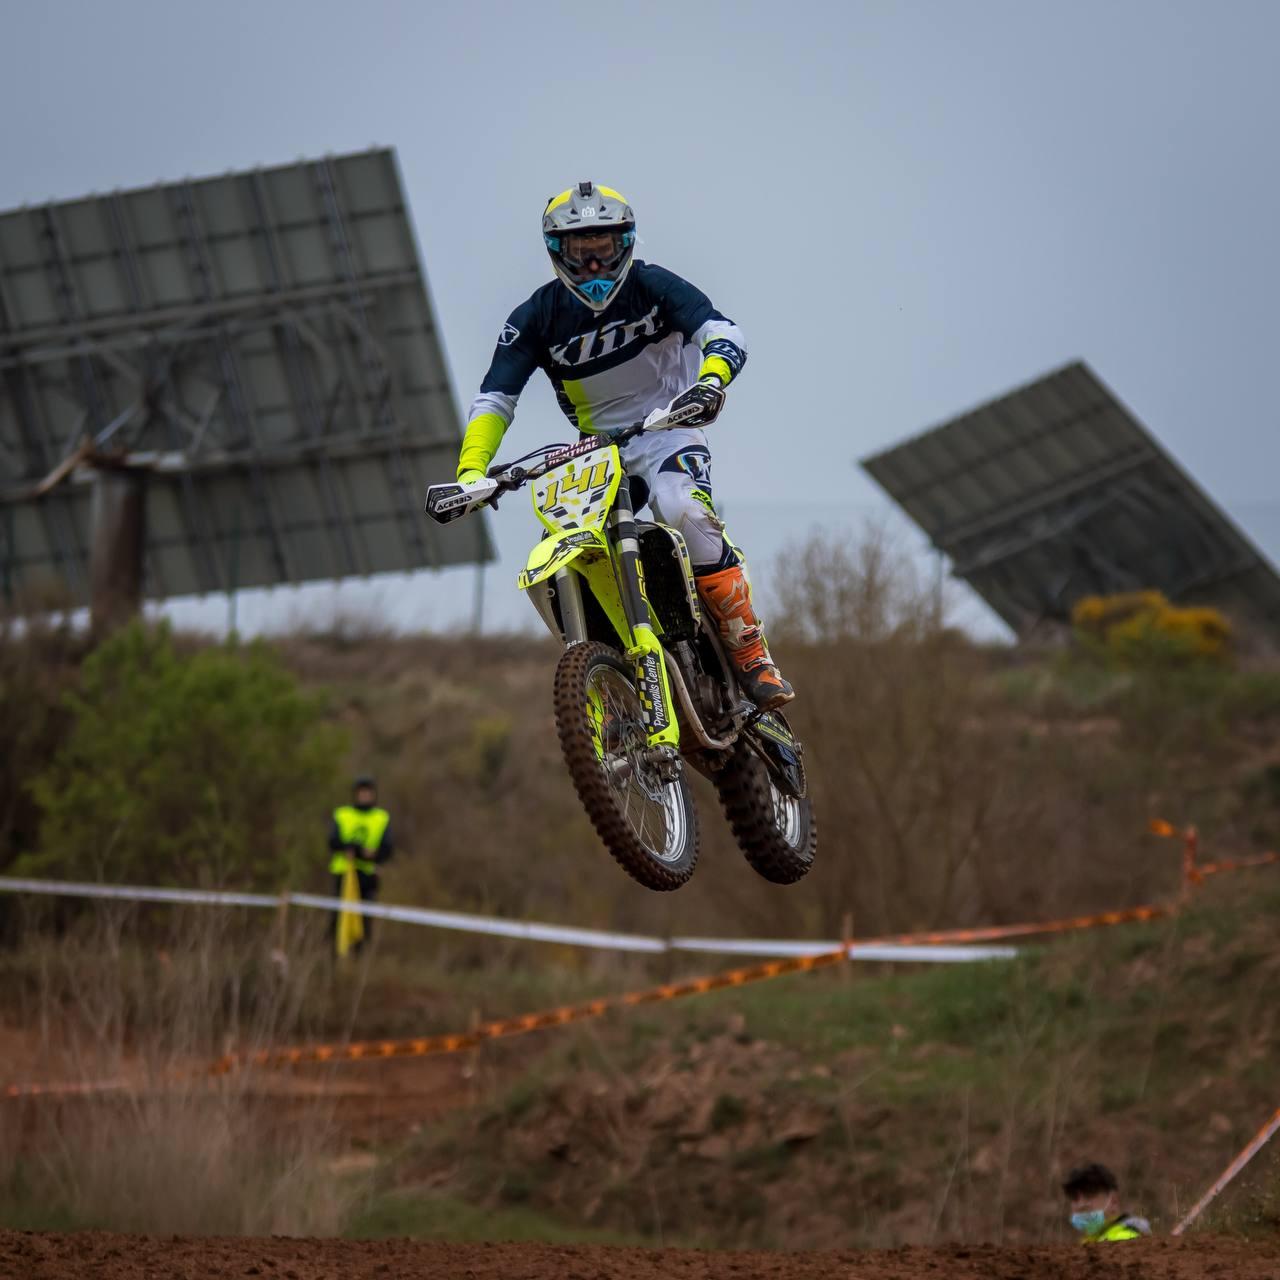 Albert Motocross fonollosa